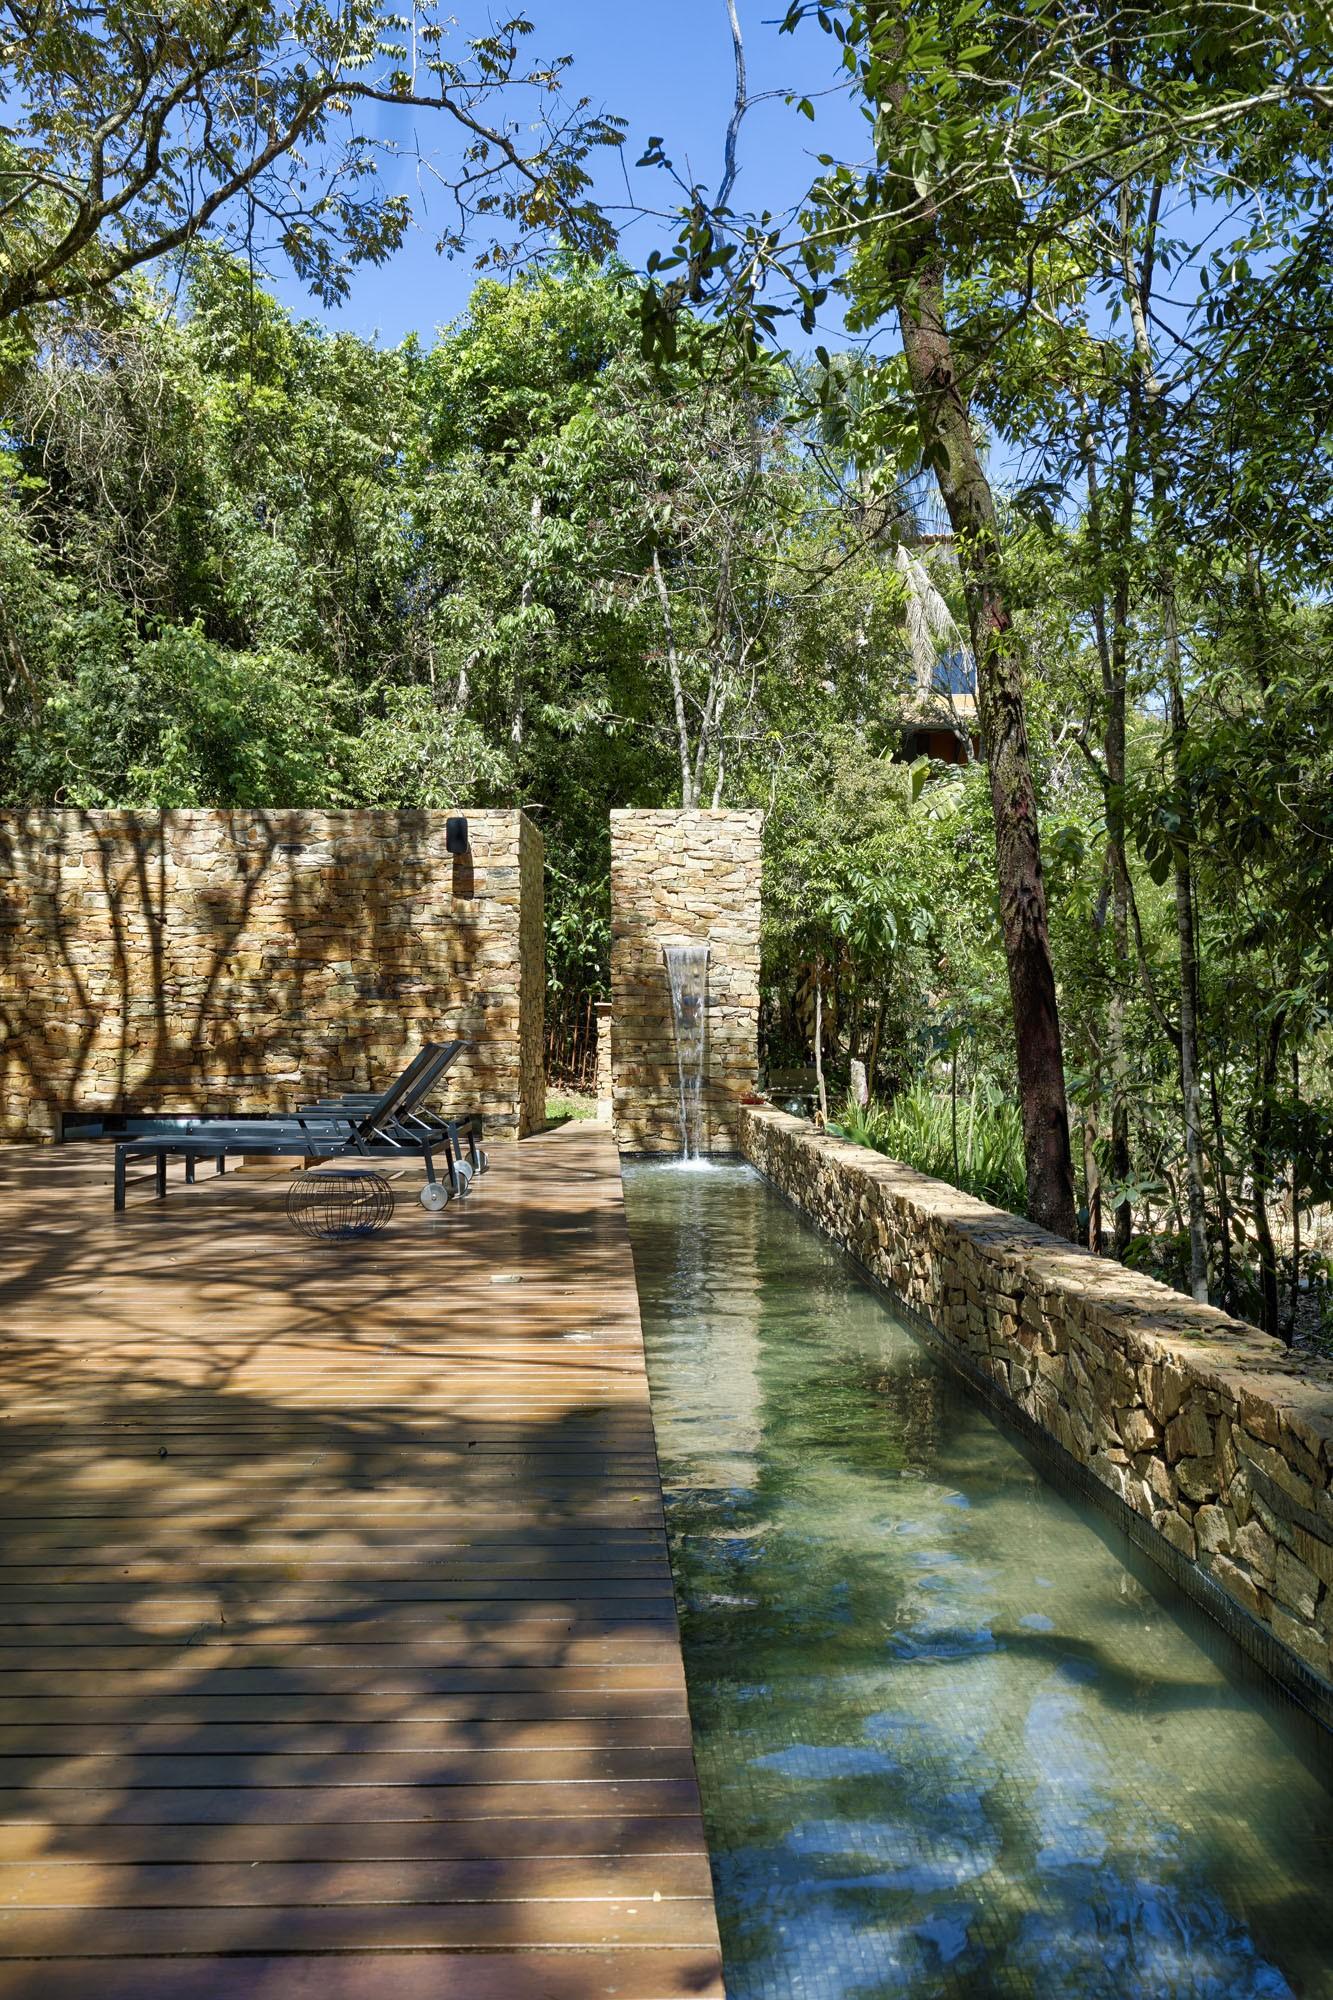 Ambiente com árvores, piscina com borda de pedra natural e deck de madeira